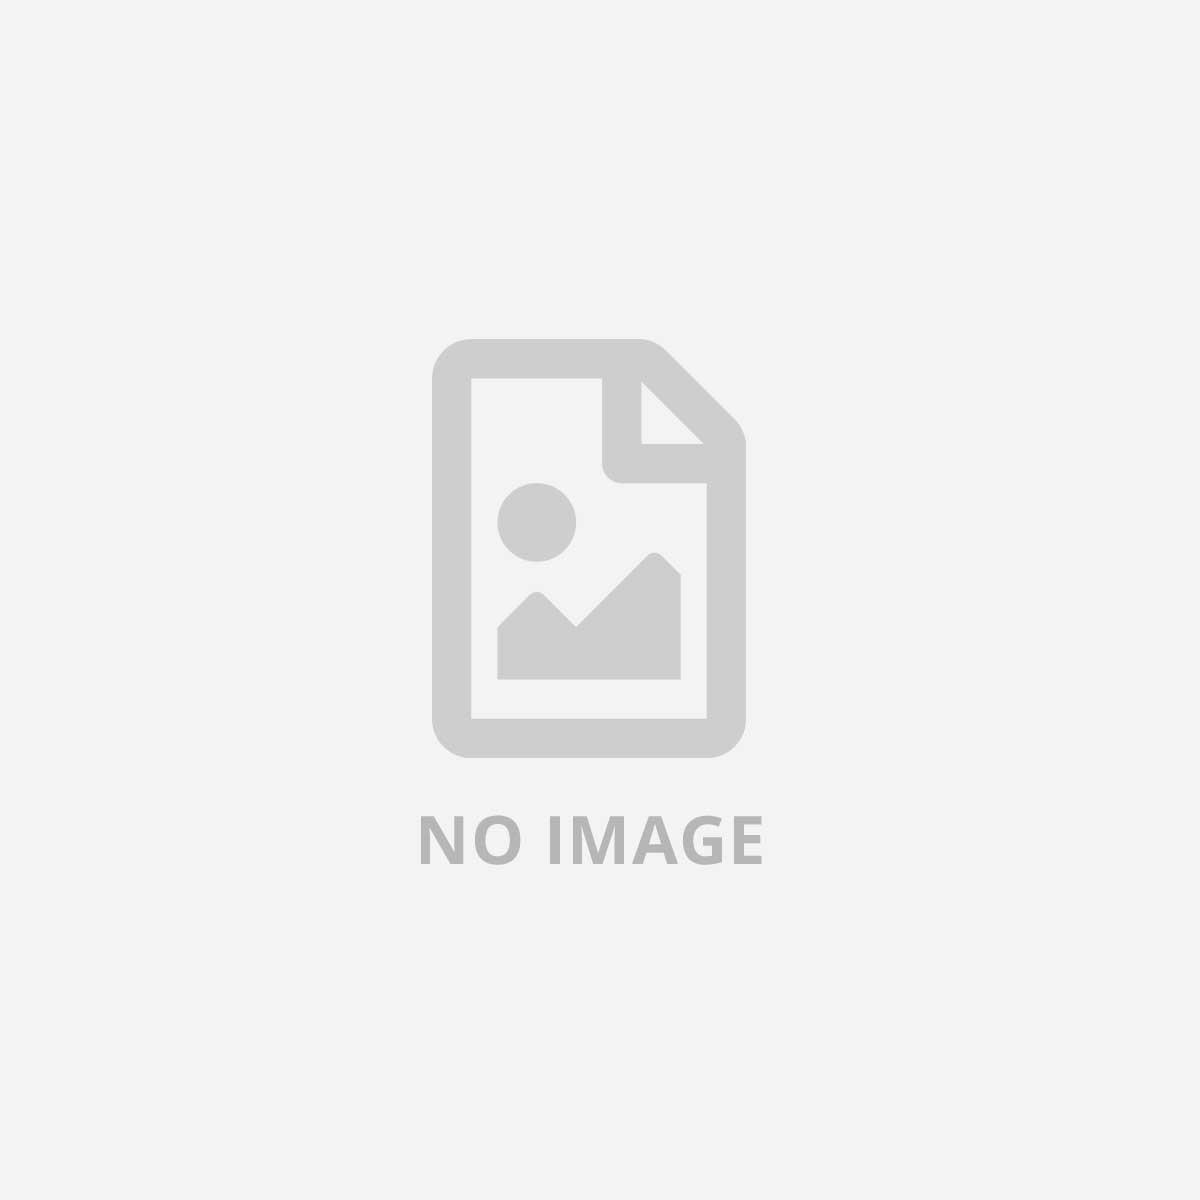 DELL T340 / E-2224 / 16GB / 1TBHDD